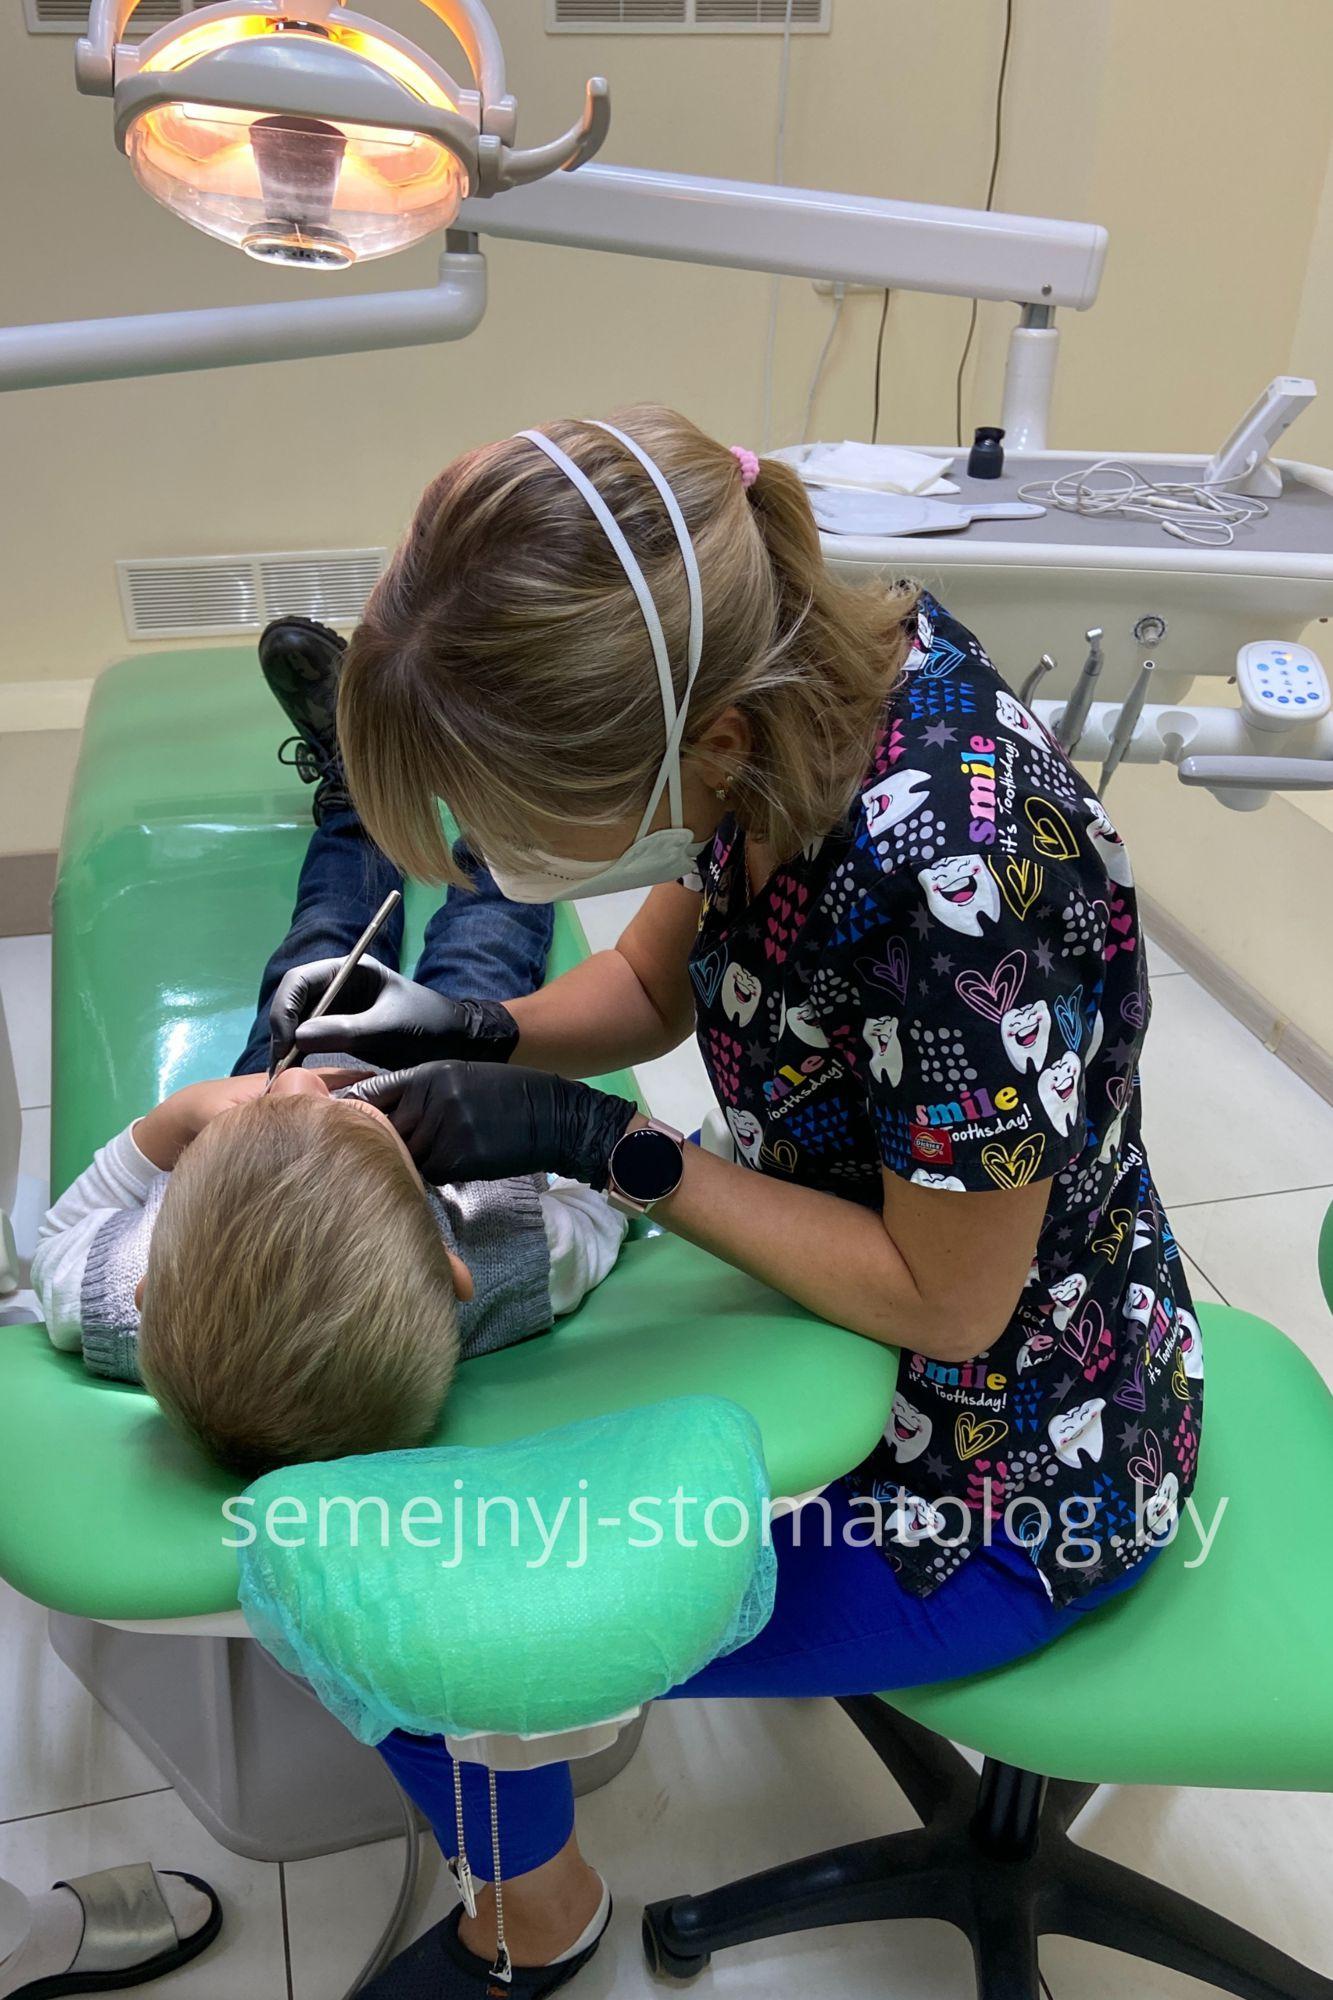 Особый подход к детям в клинике Семейный стоматолог